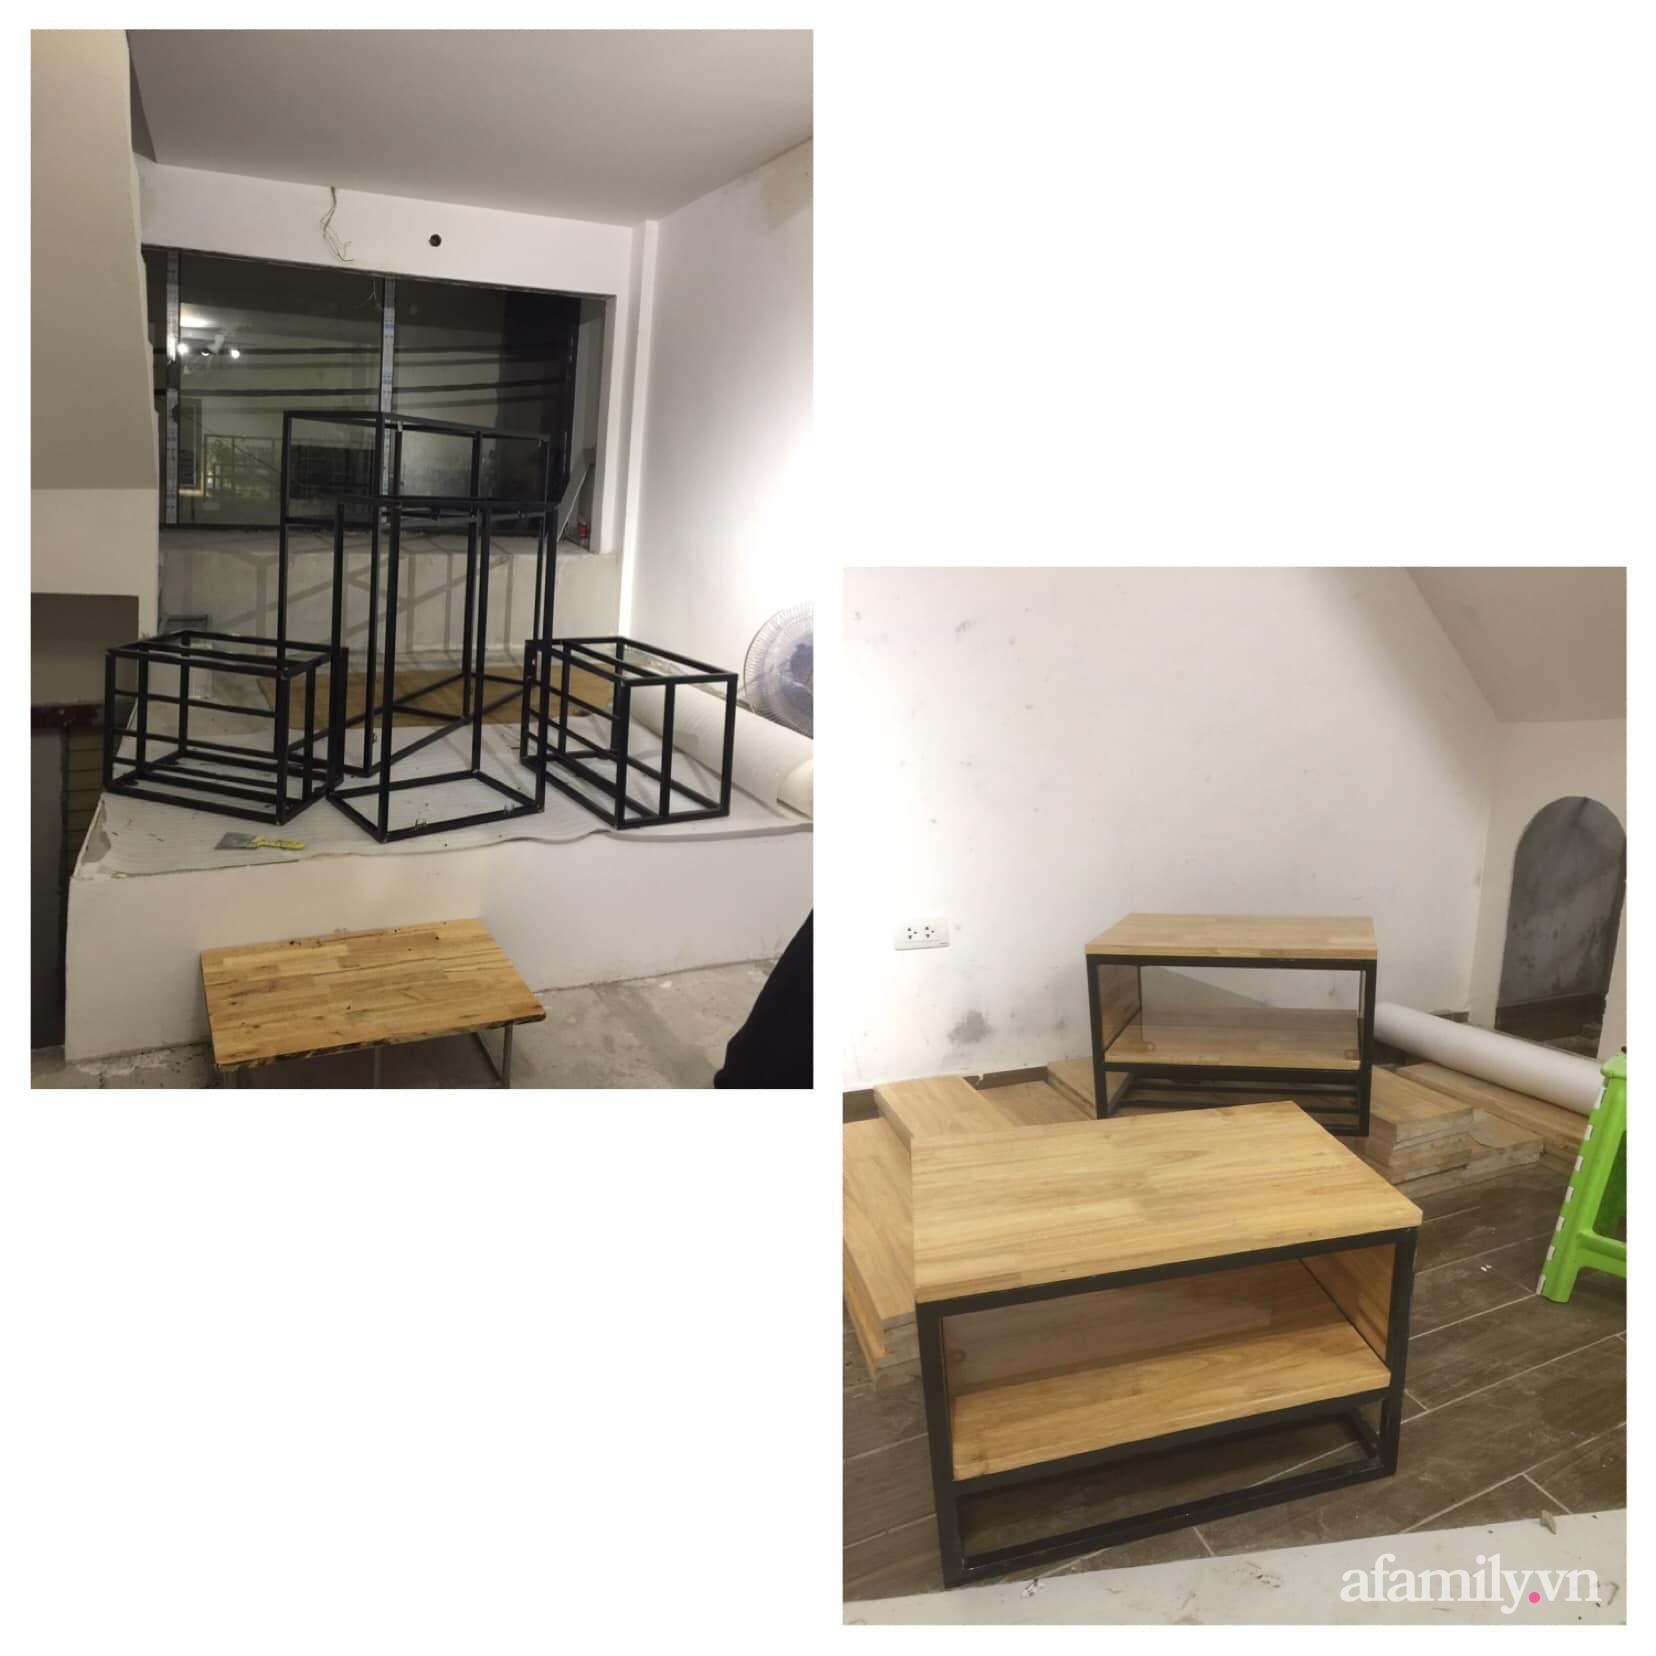 Chán cảnh thuê nhà, vợ chồng trẻ tích cóp tiền cải tạo nhà phố 20m² thành tổ ấm lý tưởng ở Hà Nội - Ảnh 14.